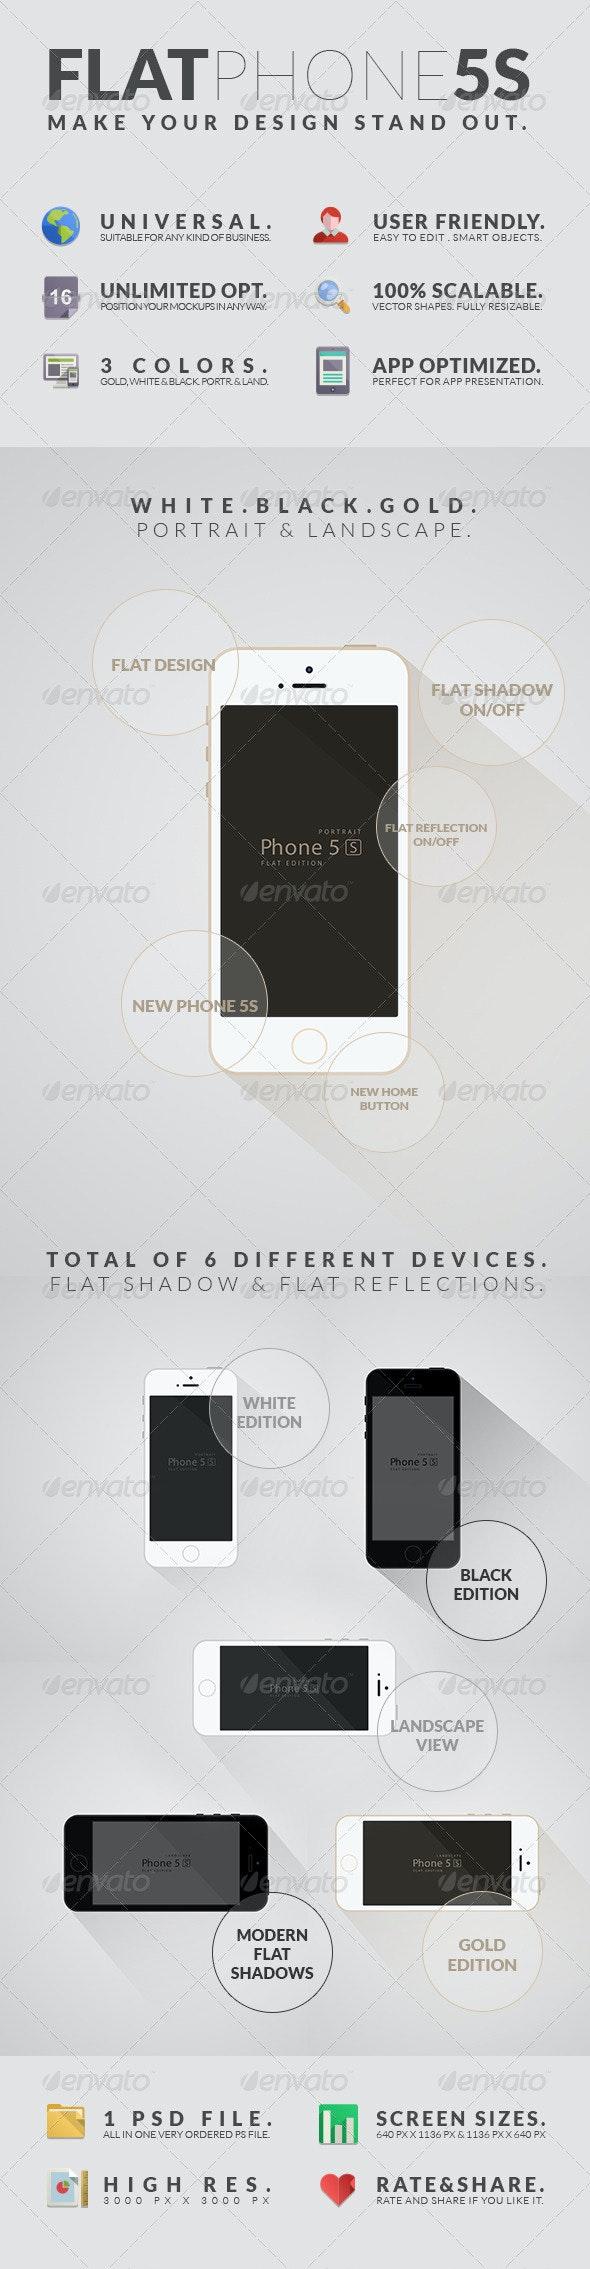 Flat Phone 5S Mockups - Mobile Displays